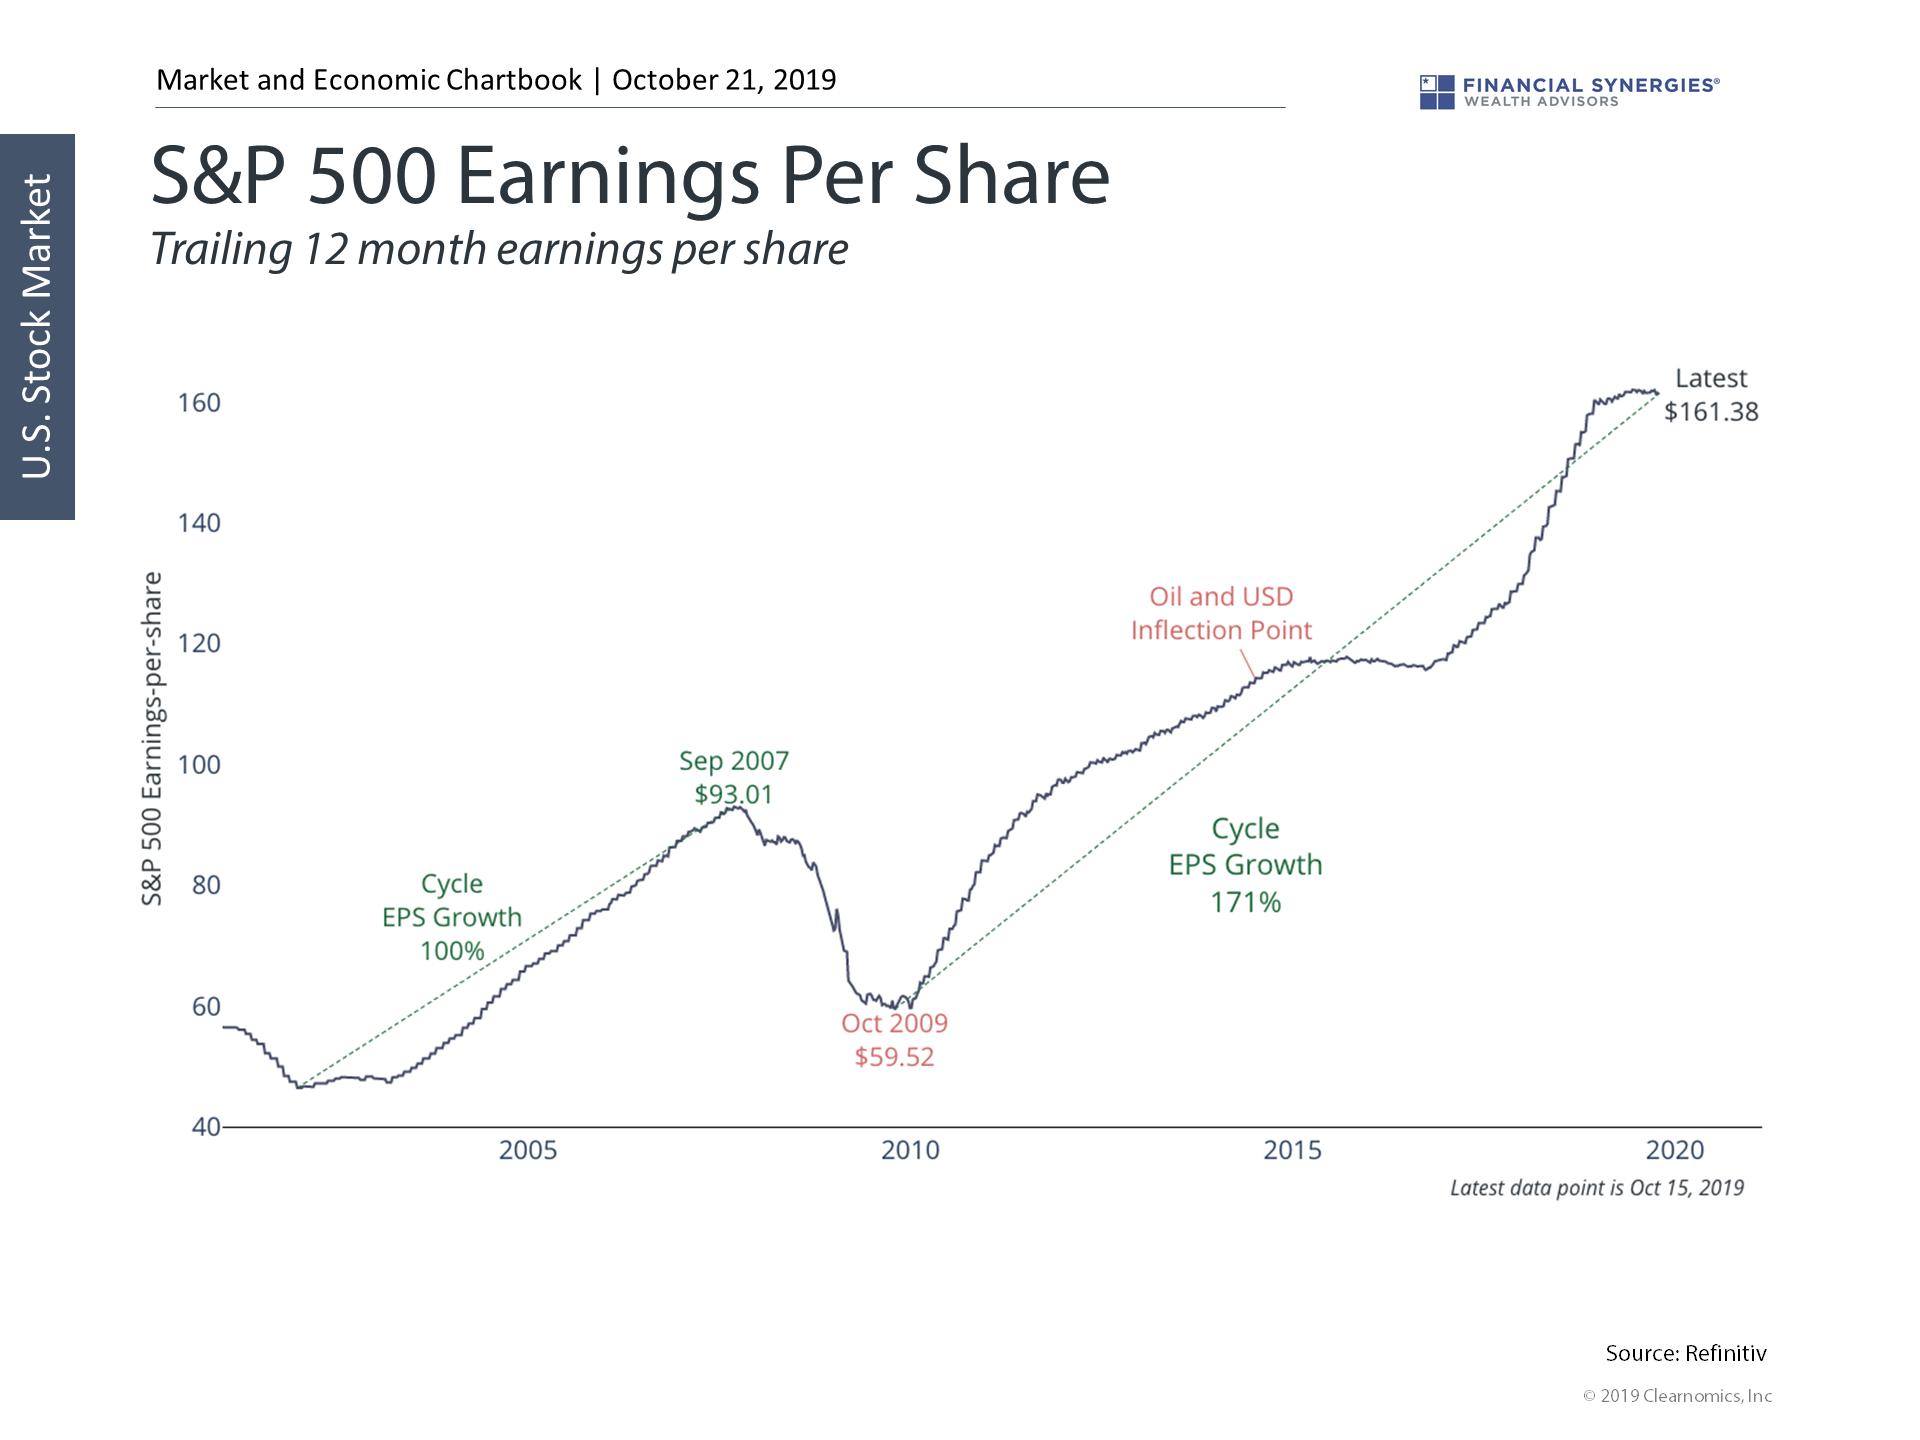 S&P 500 EPS